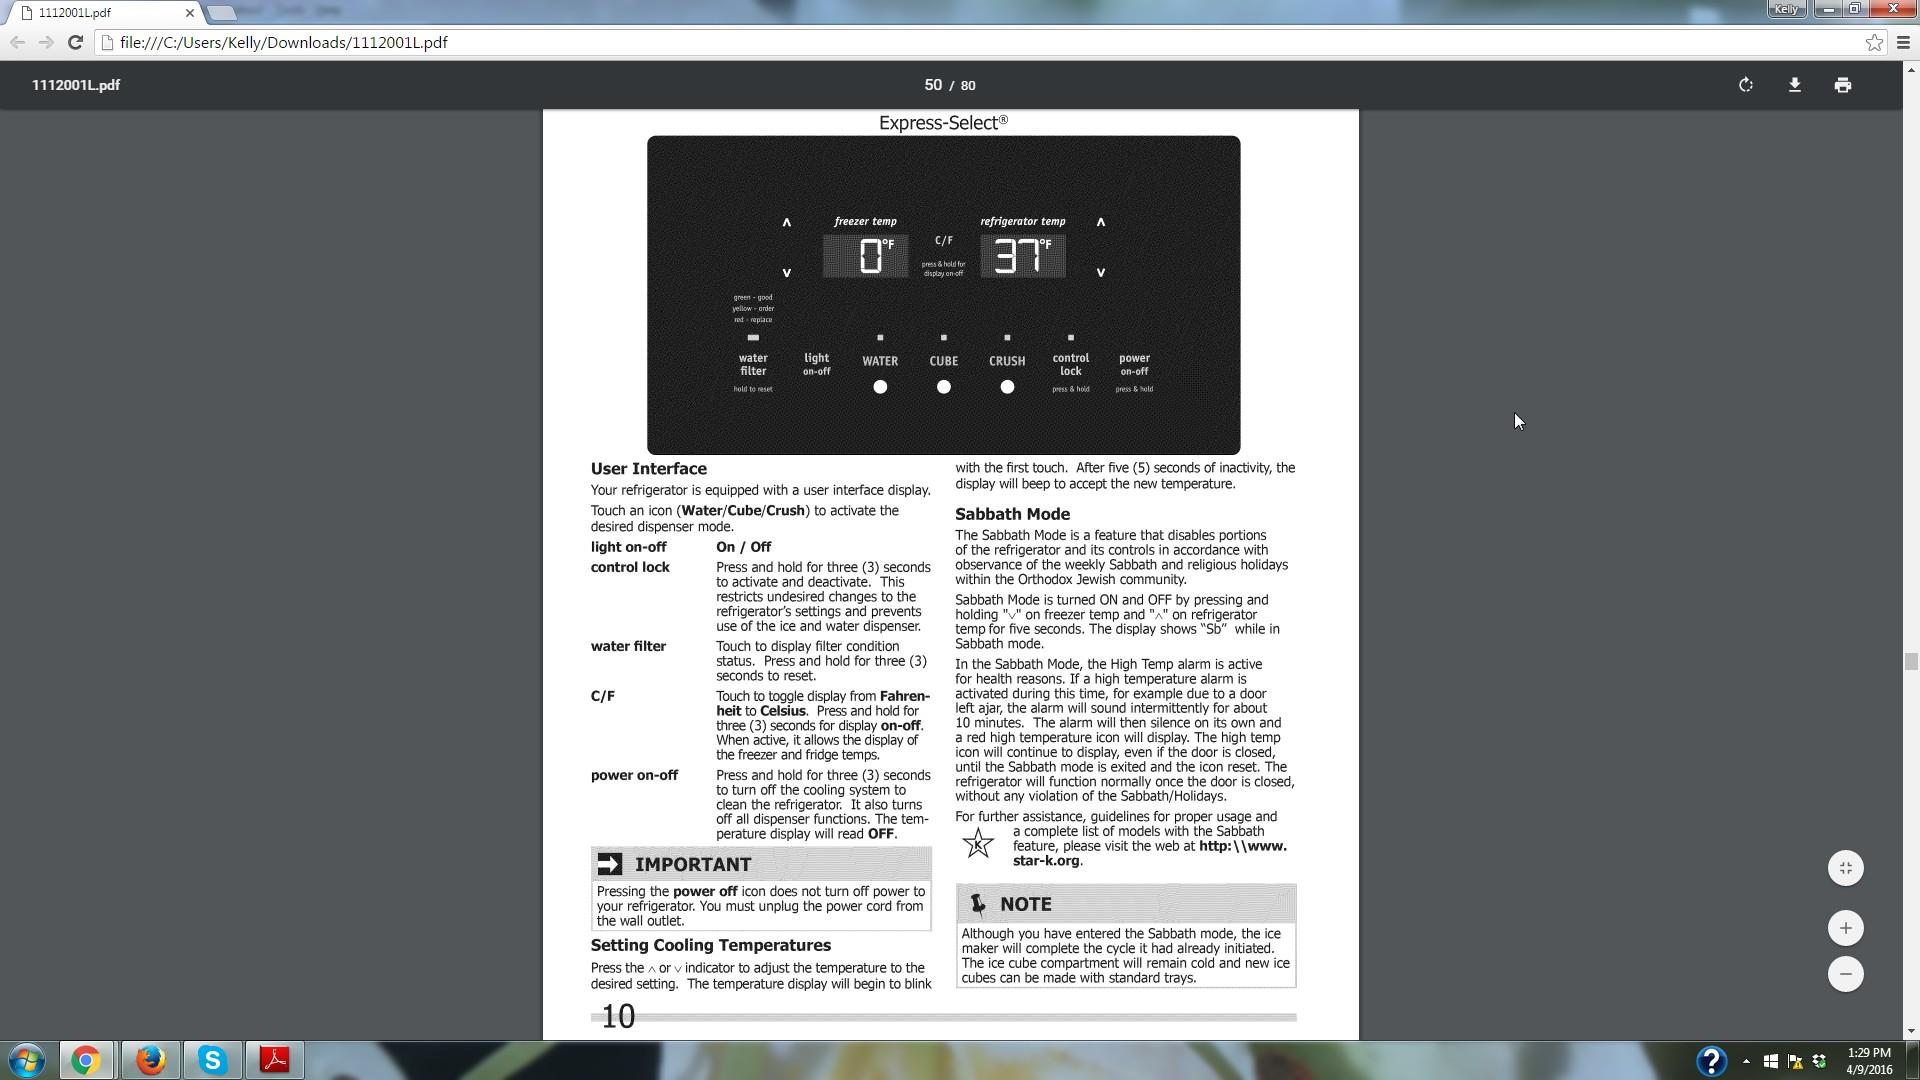 e6d099ab-18d0-4fff-9f52-9d6bf25ecaf5_ScreenHunter_2116 Apr. 09 13.29.jpg